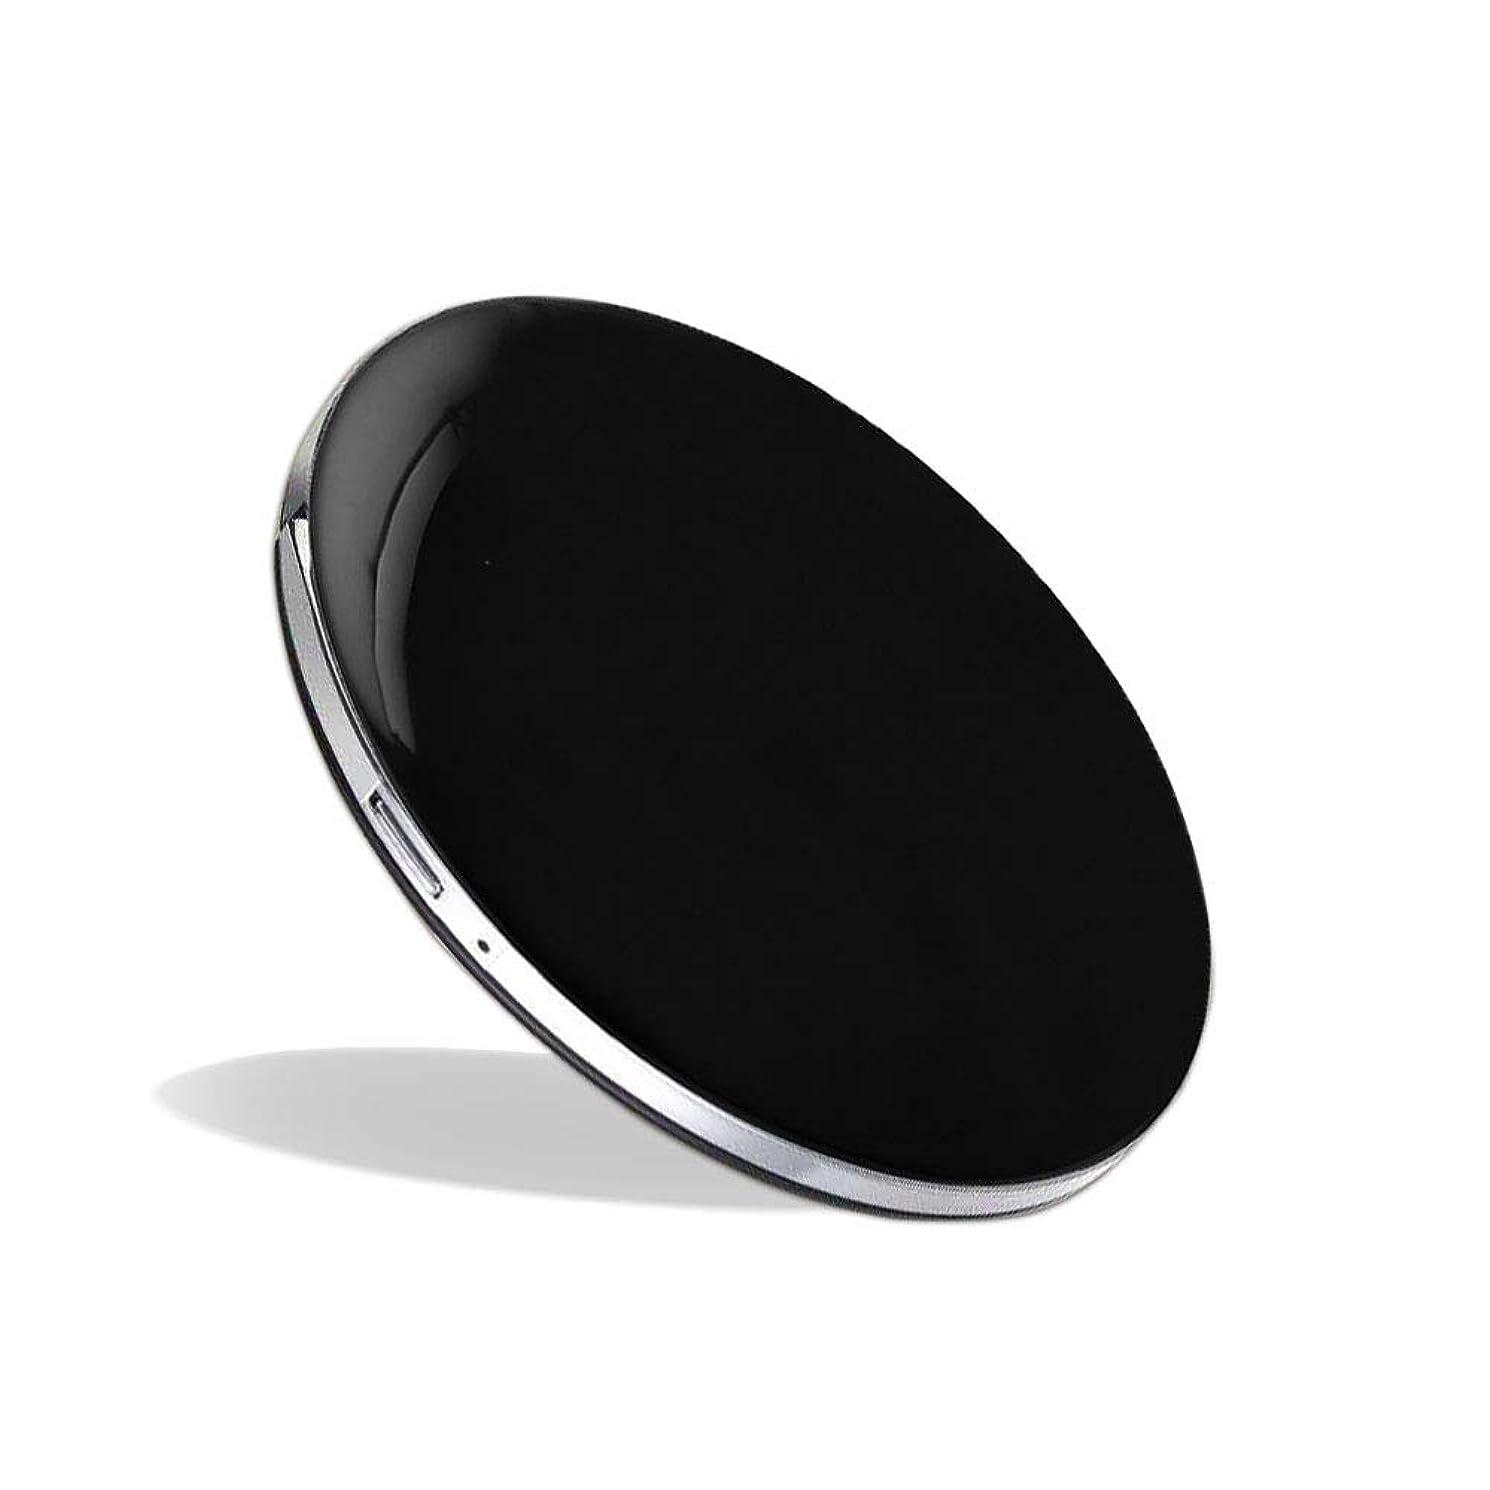 思い出させるアンビエント抱擁化粧鏡 LEDミラー コンパクトミラー ハンドミラー 円形ミラー 折りたたみ式 持ち運び便利 usb充電 軽量 3倍拡大鏡 明るさ調節可能 (ブラック)